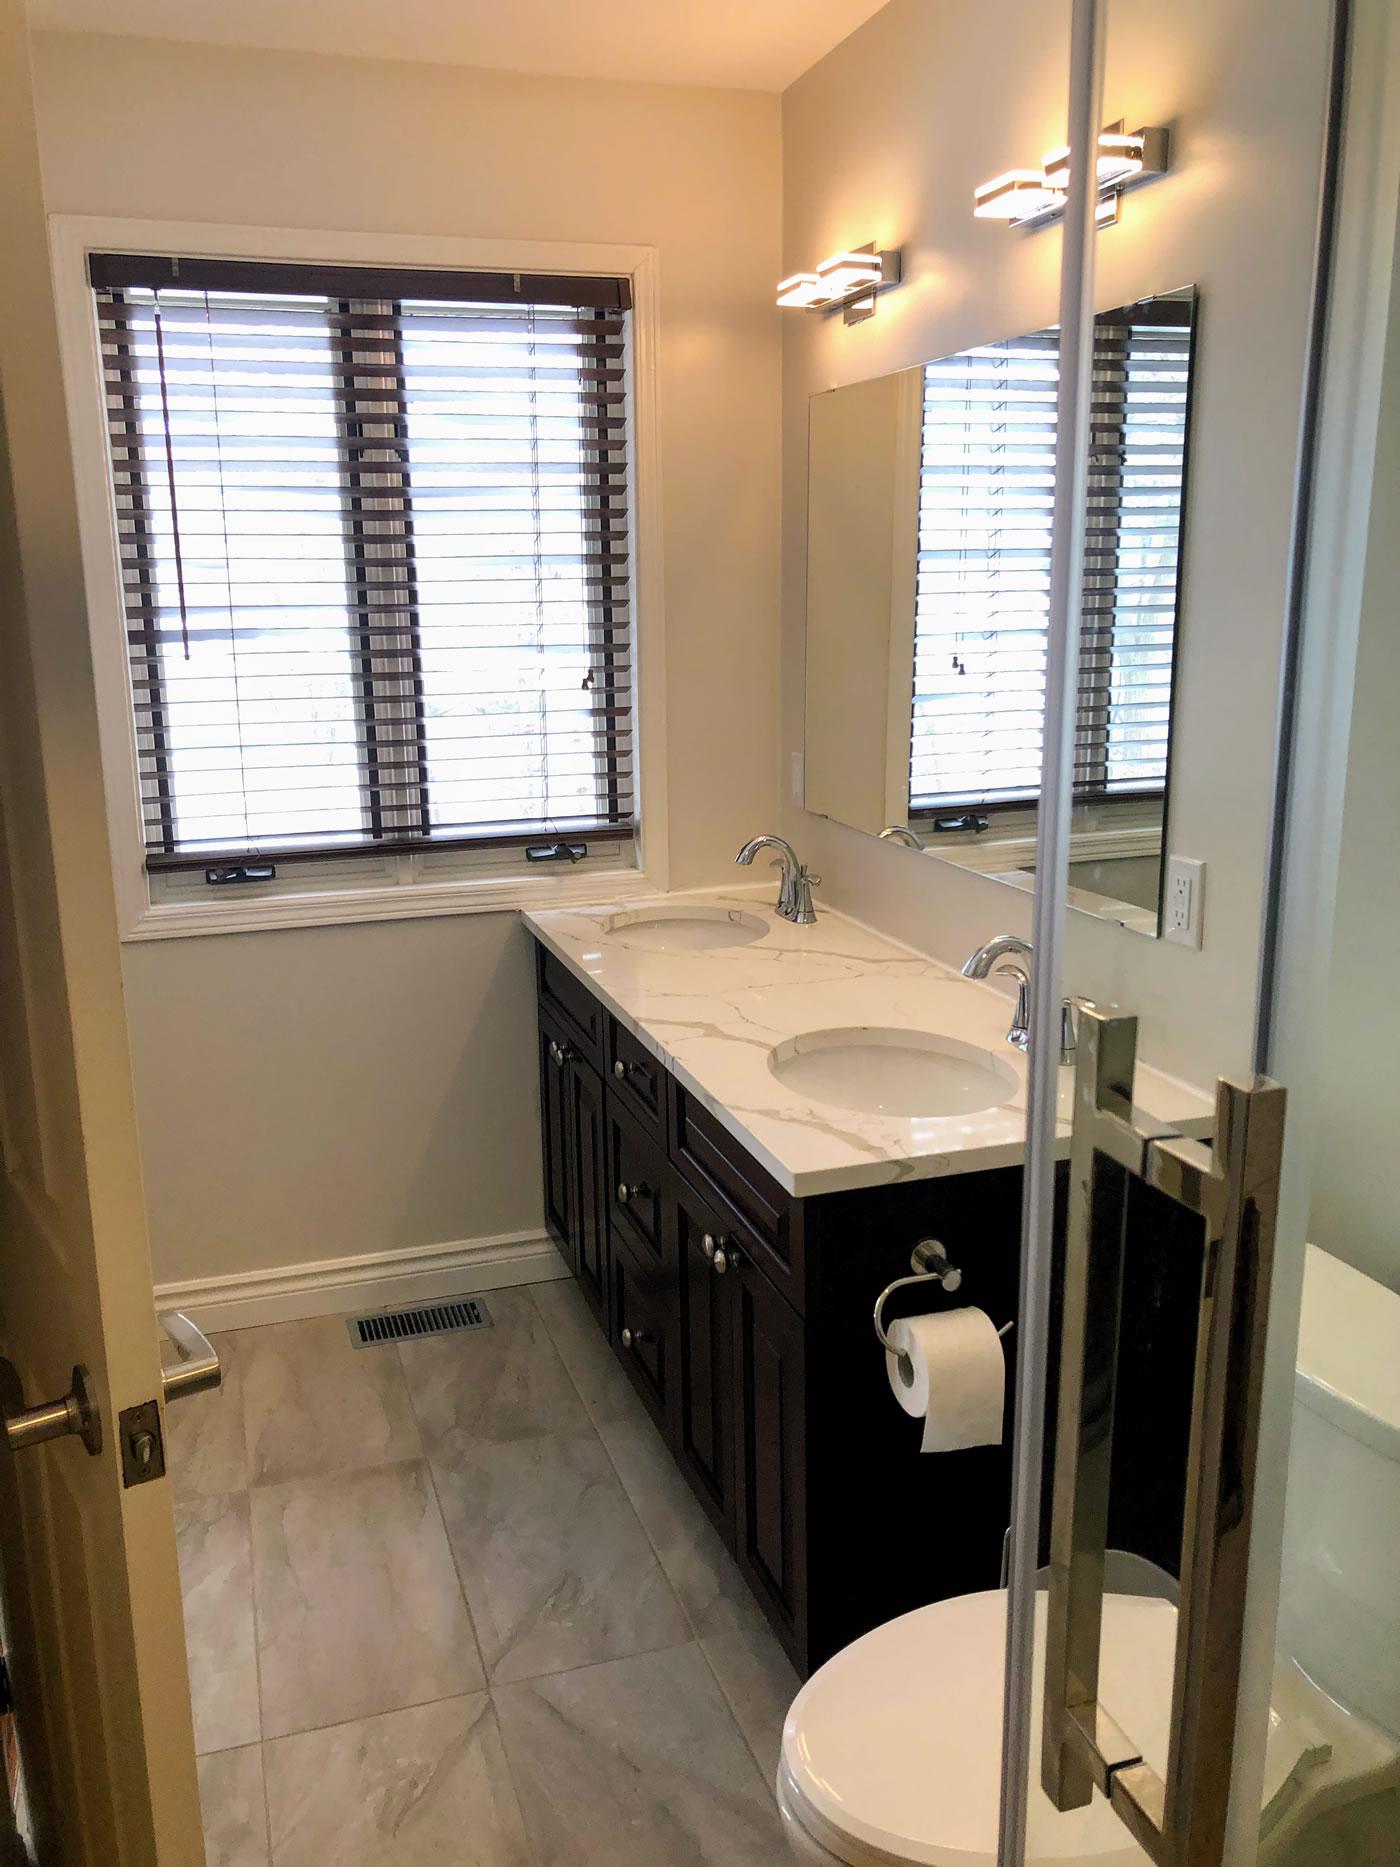 Traditional bathroom cabinetry in dark tones